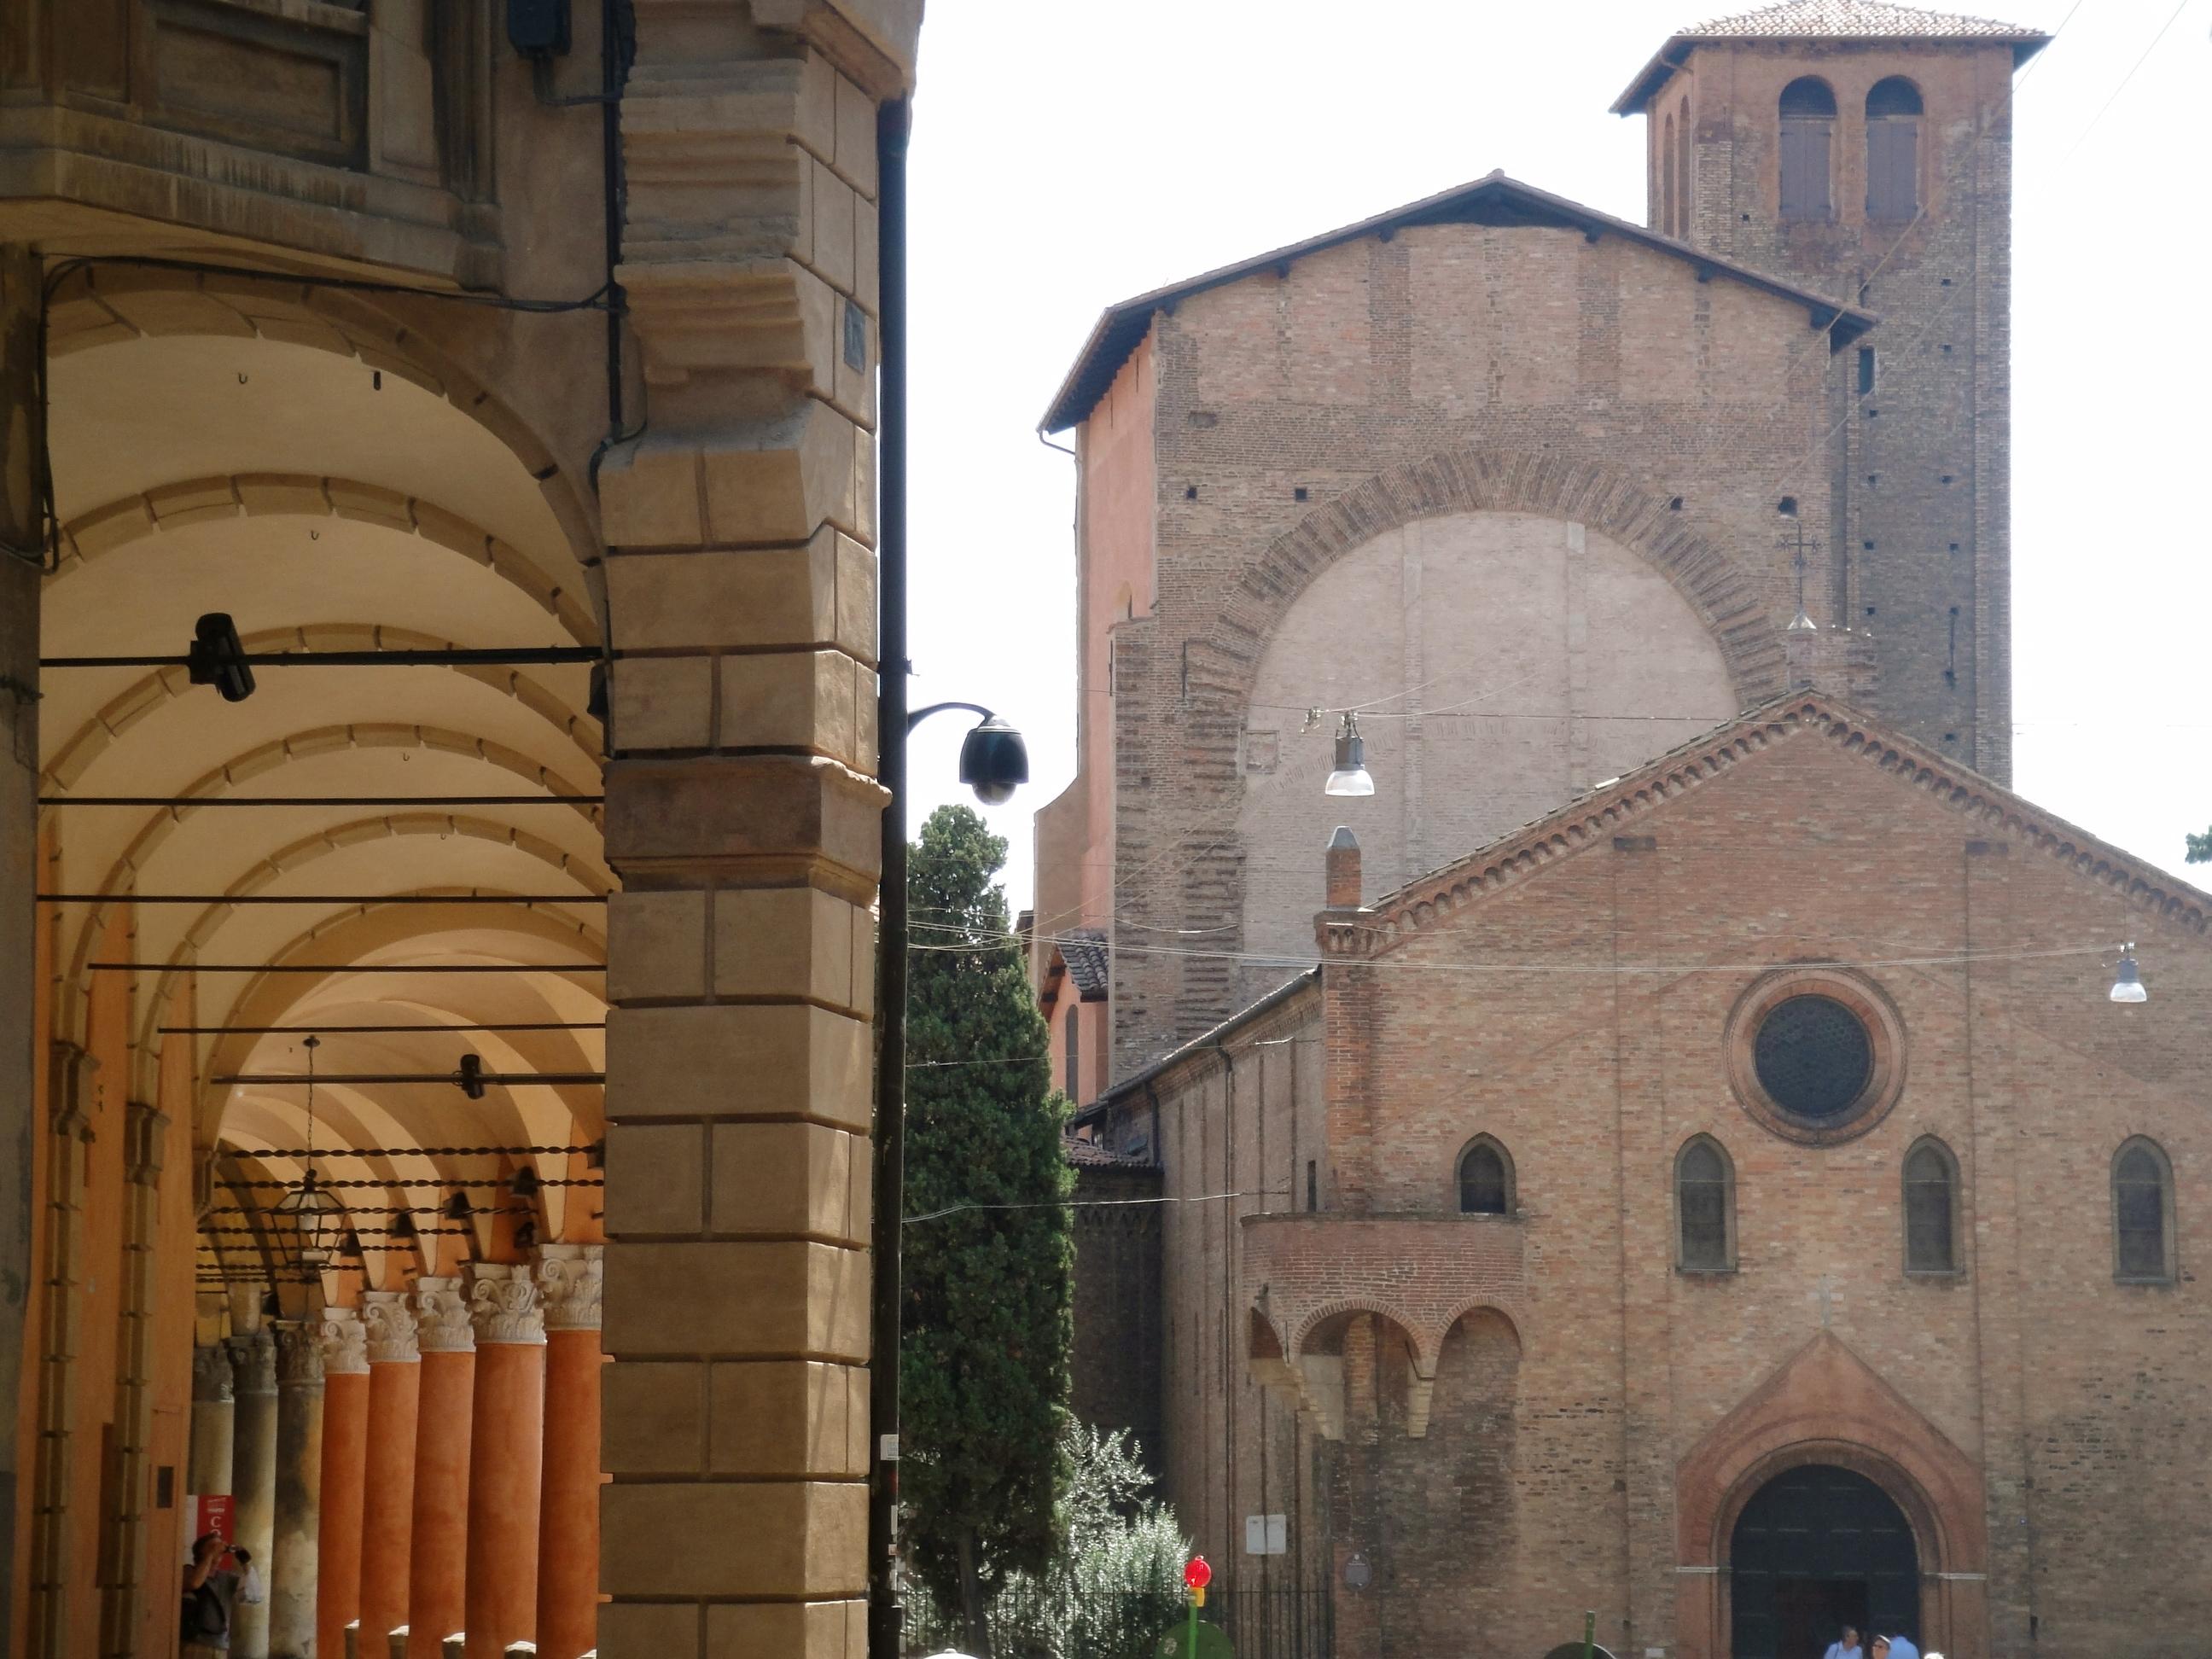 stefano pileri ematologia bologna university - photo#50